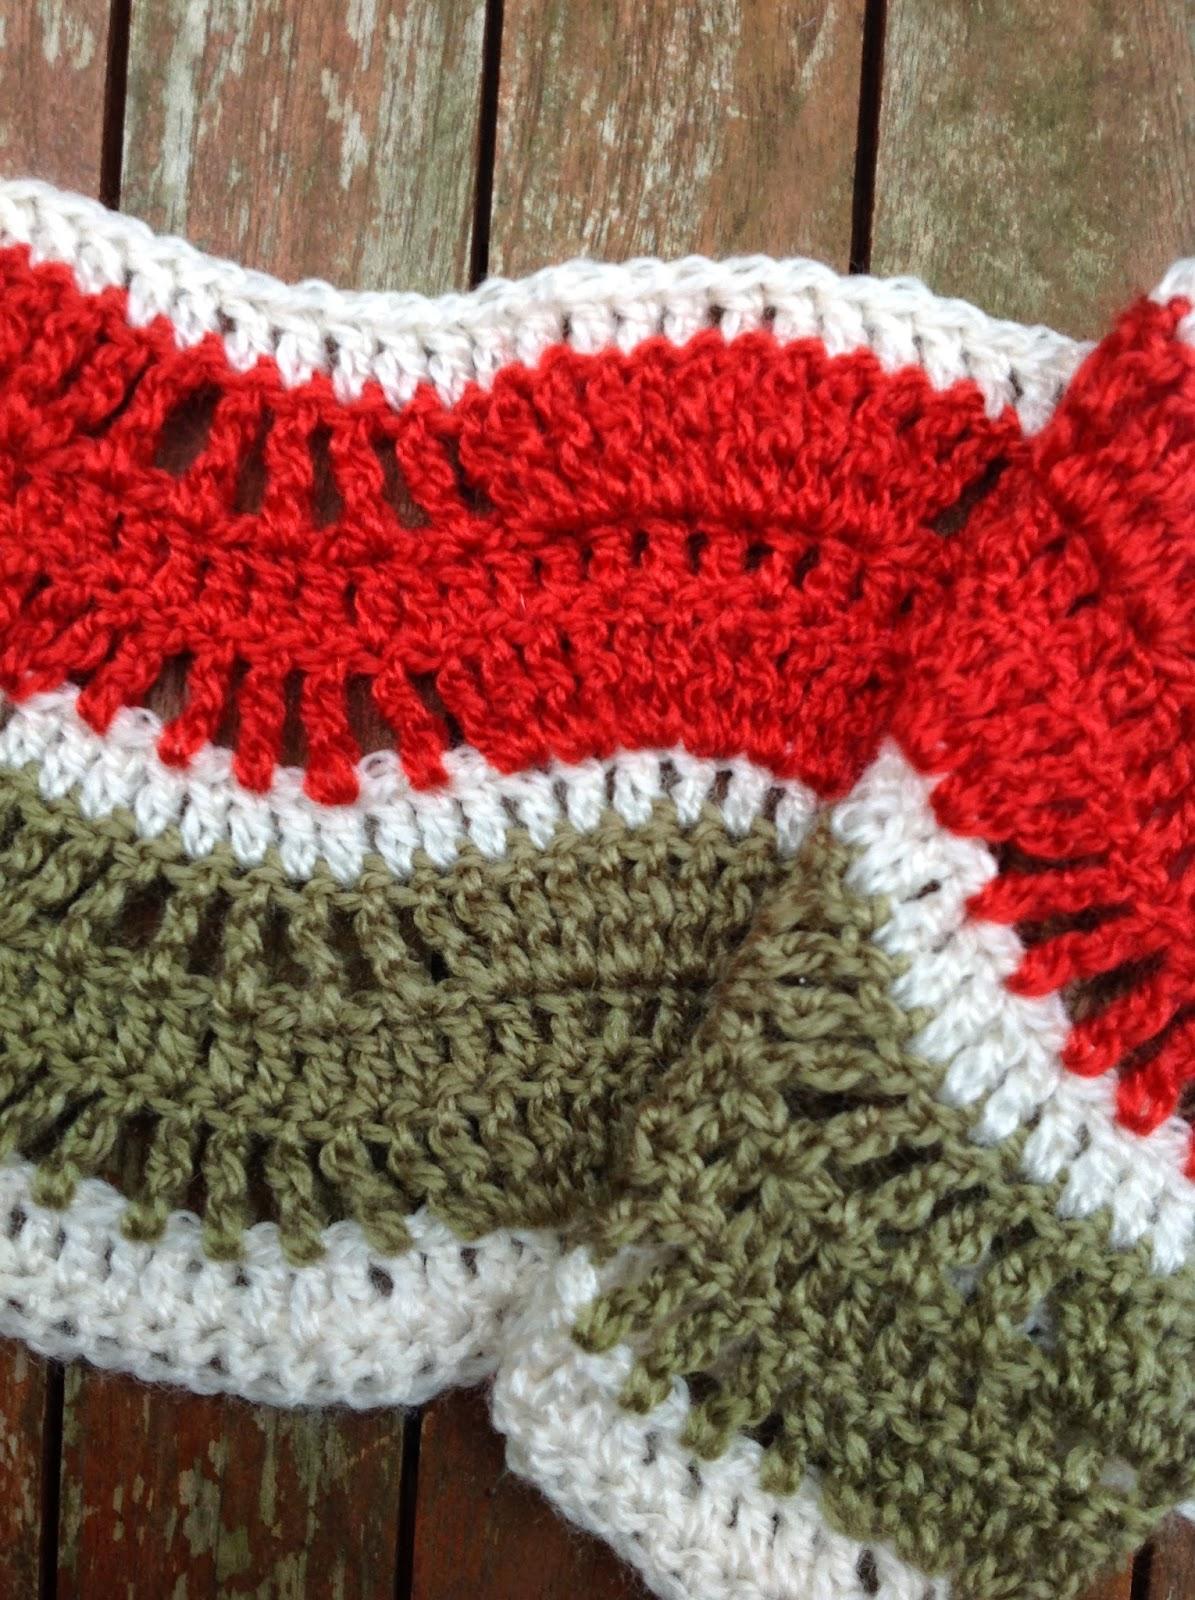 Oya S World Crochet Knitting Crochet Afghan Ripple